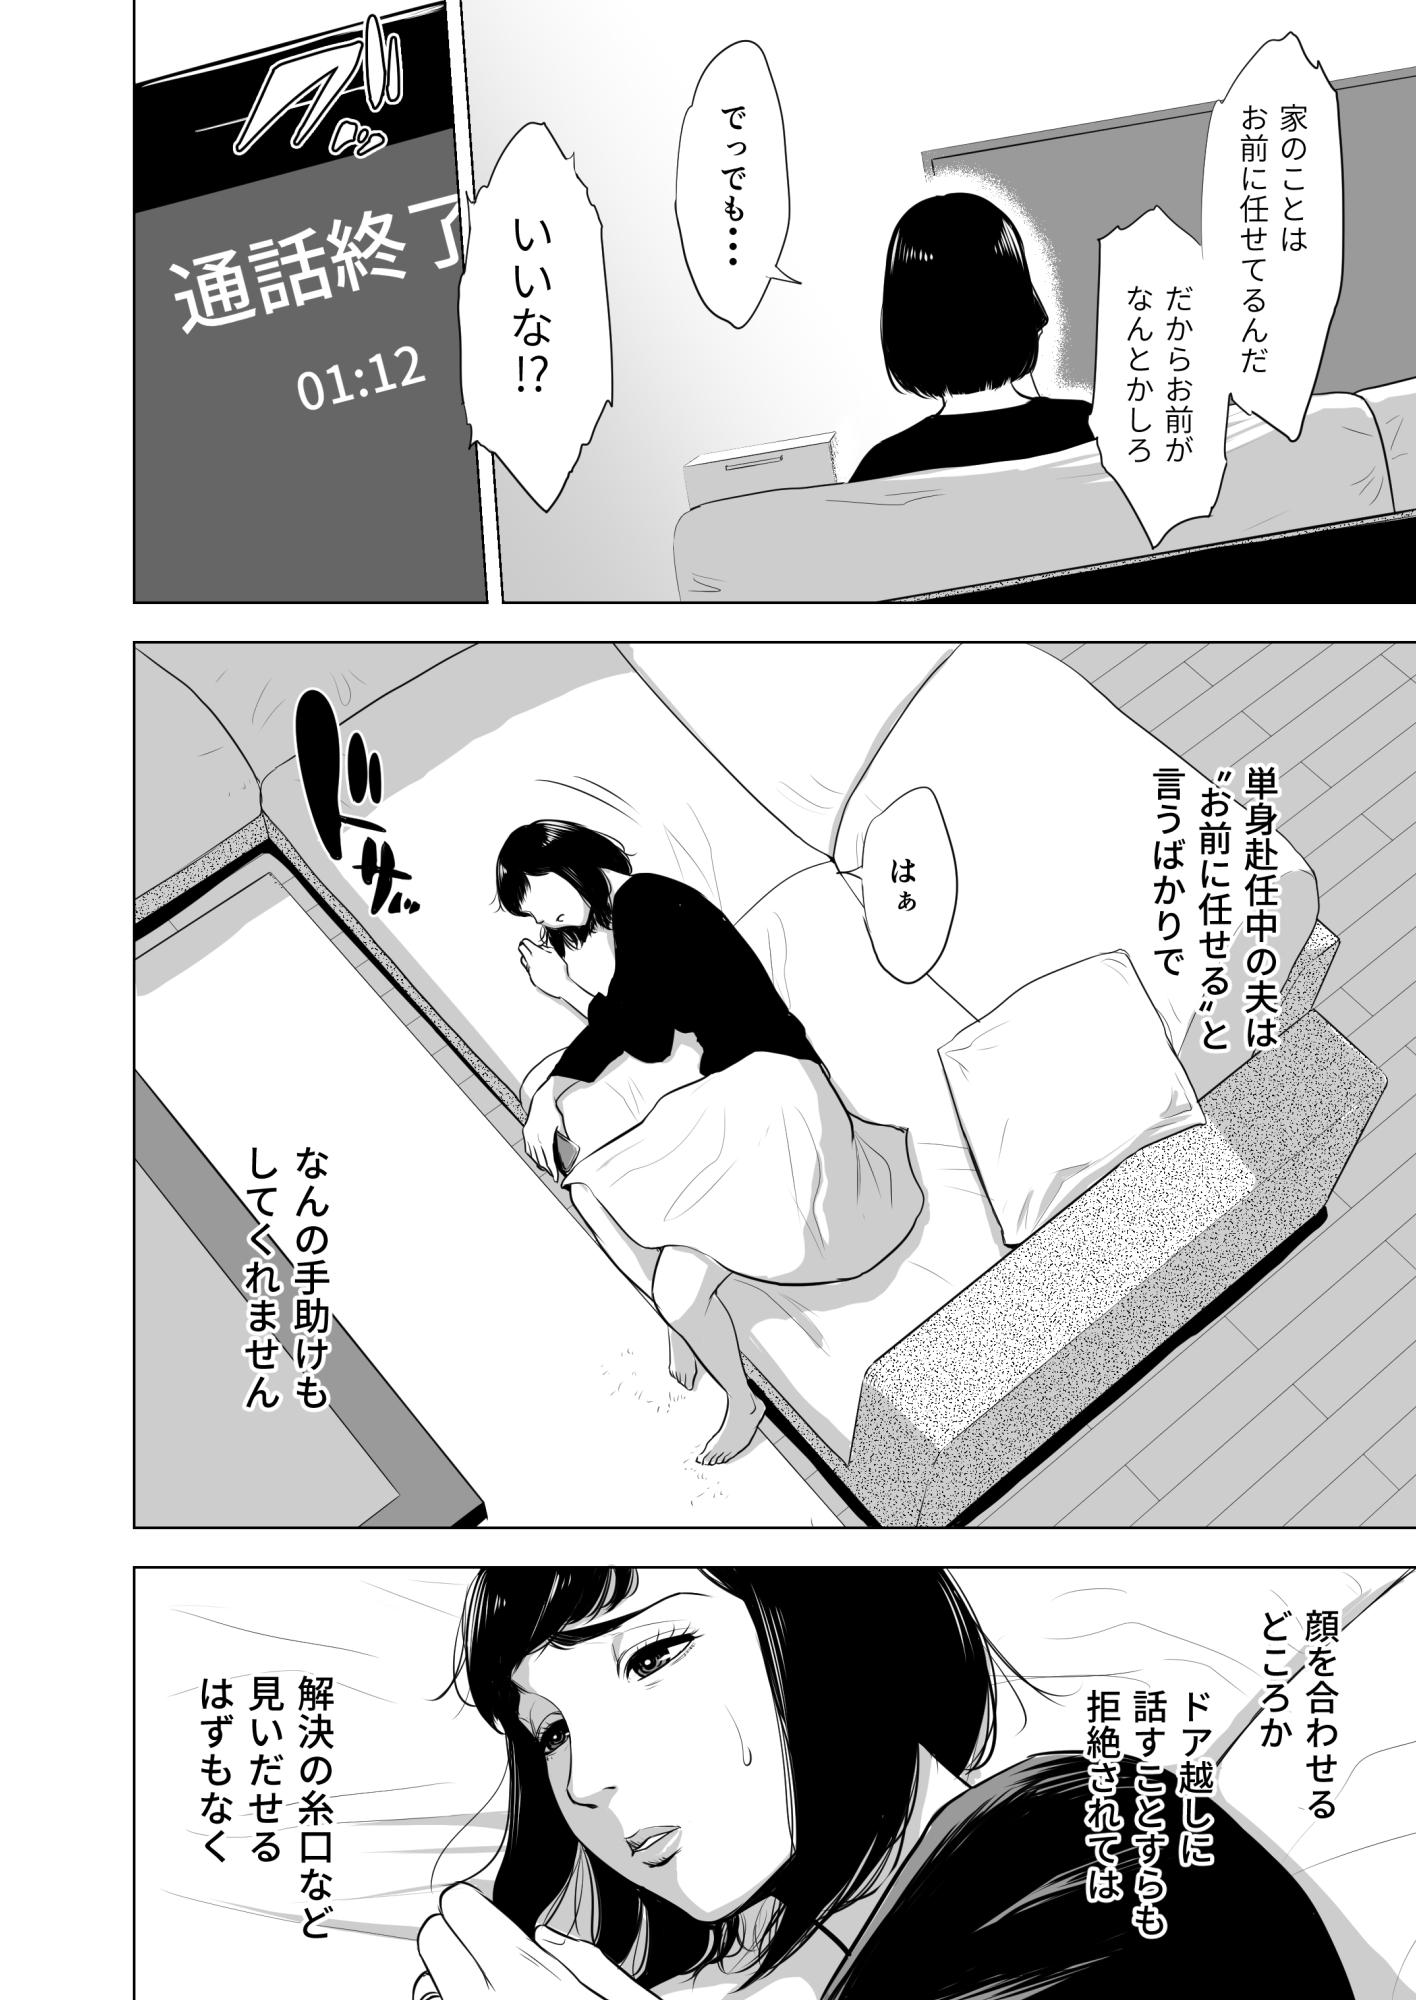 【エロ漫画無料大全集】【主婦えろまんが】引き籠りの息子の性処理道具になってしまった母がとんでもないことに…